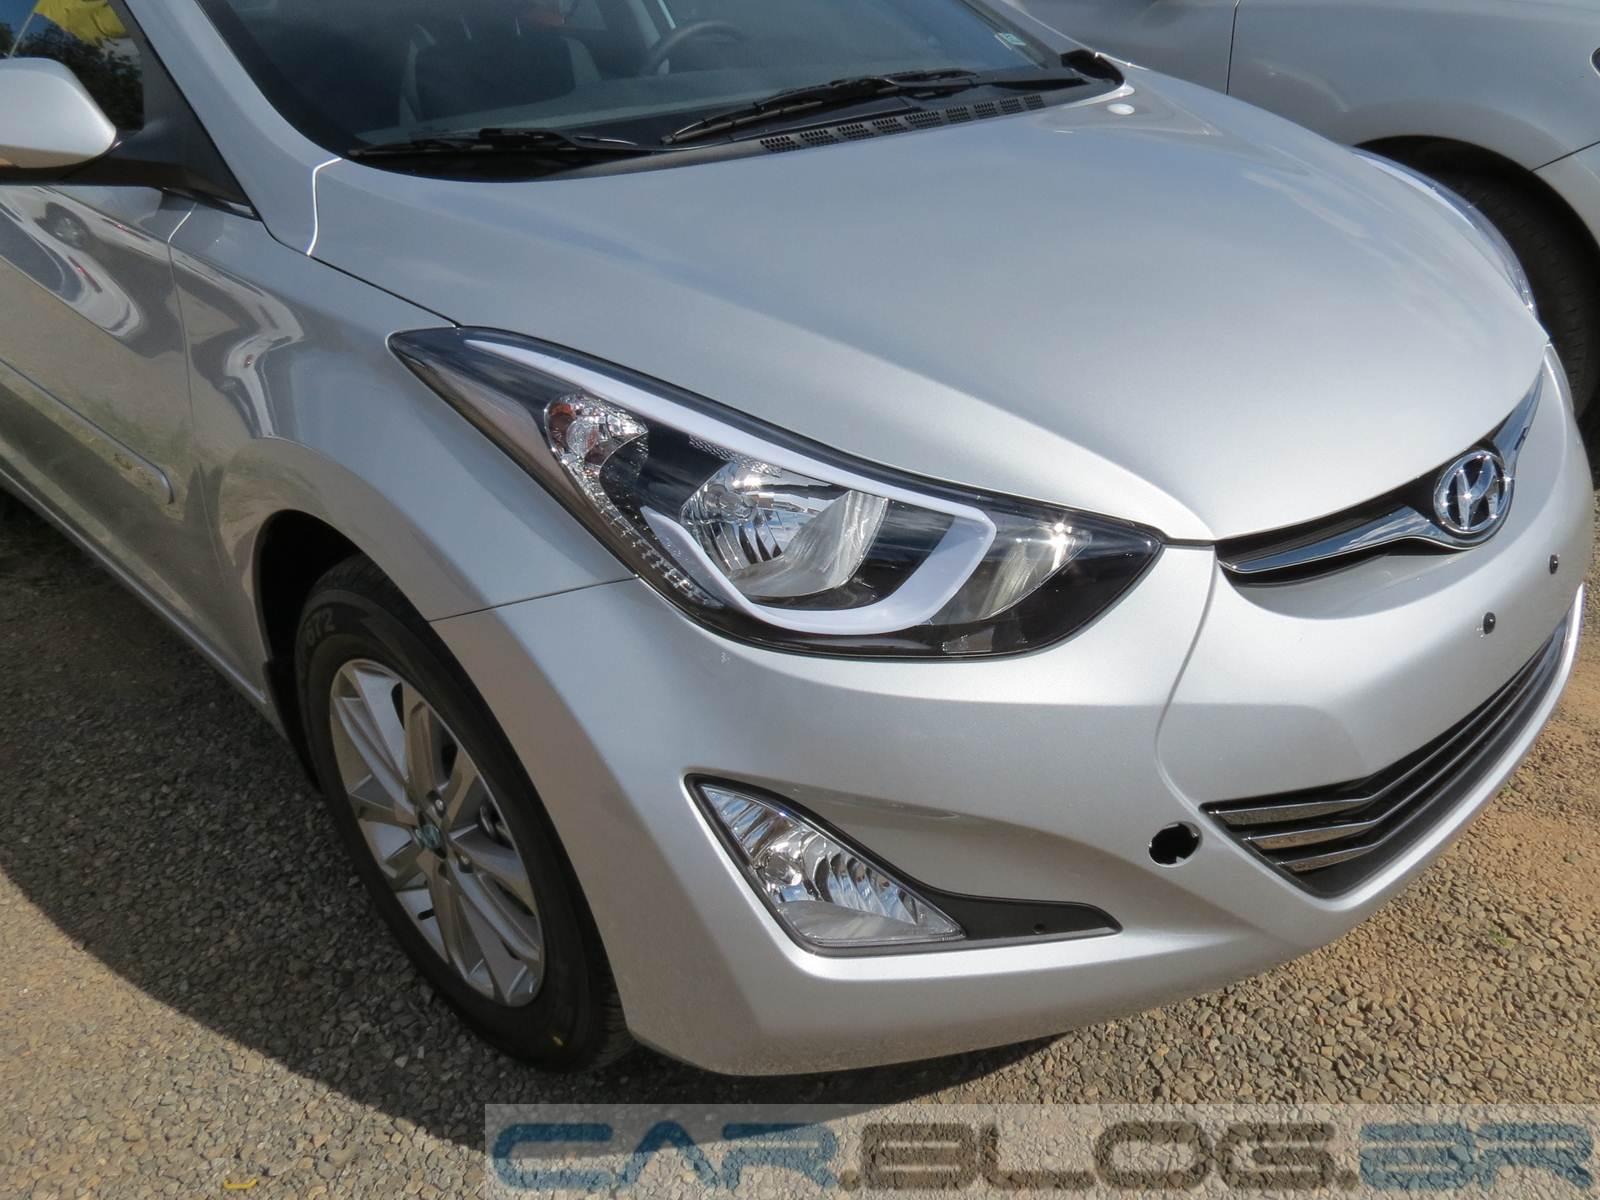 Hyundai Elantra 2015 Reestilizado Fotos E Informa 231 245 Es